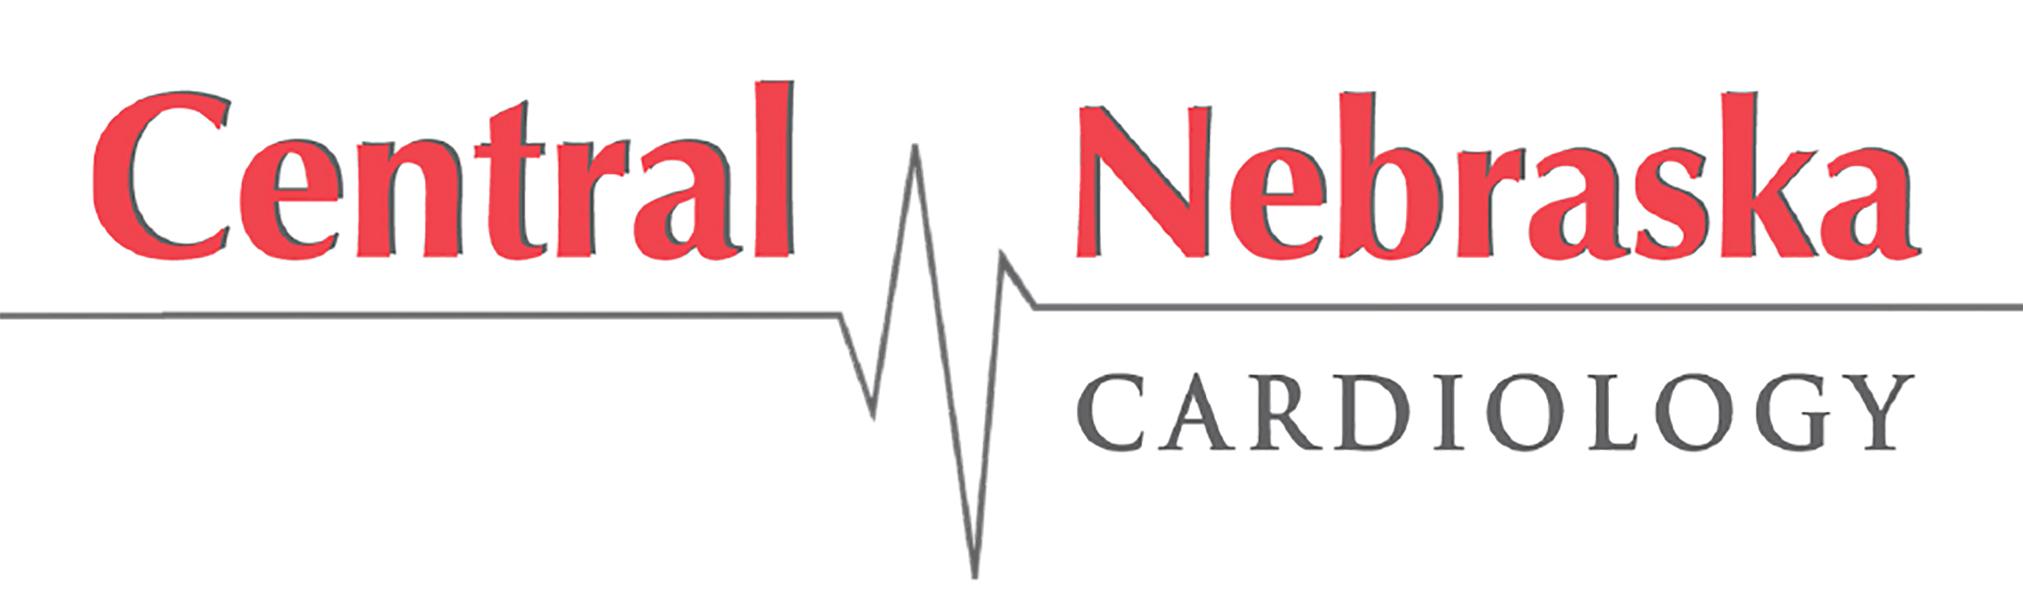 Central Nebraska Cardiology